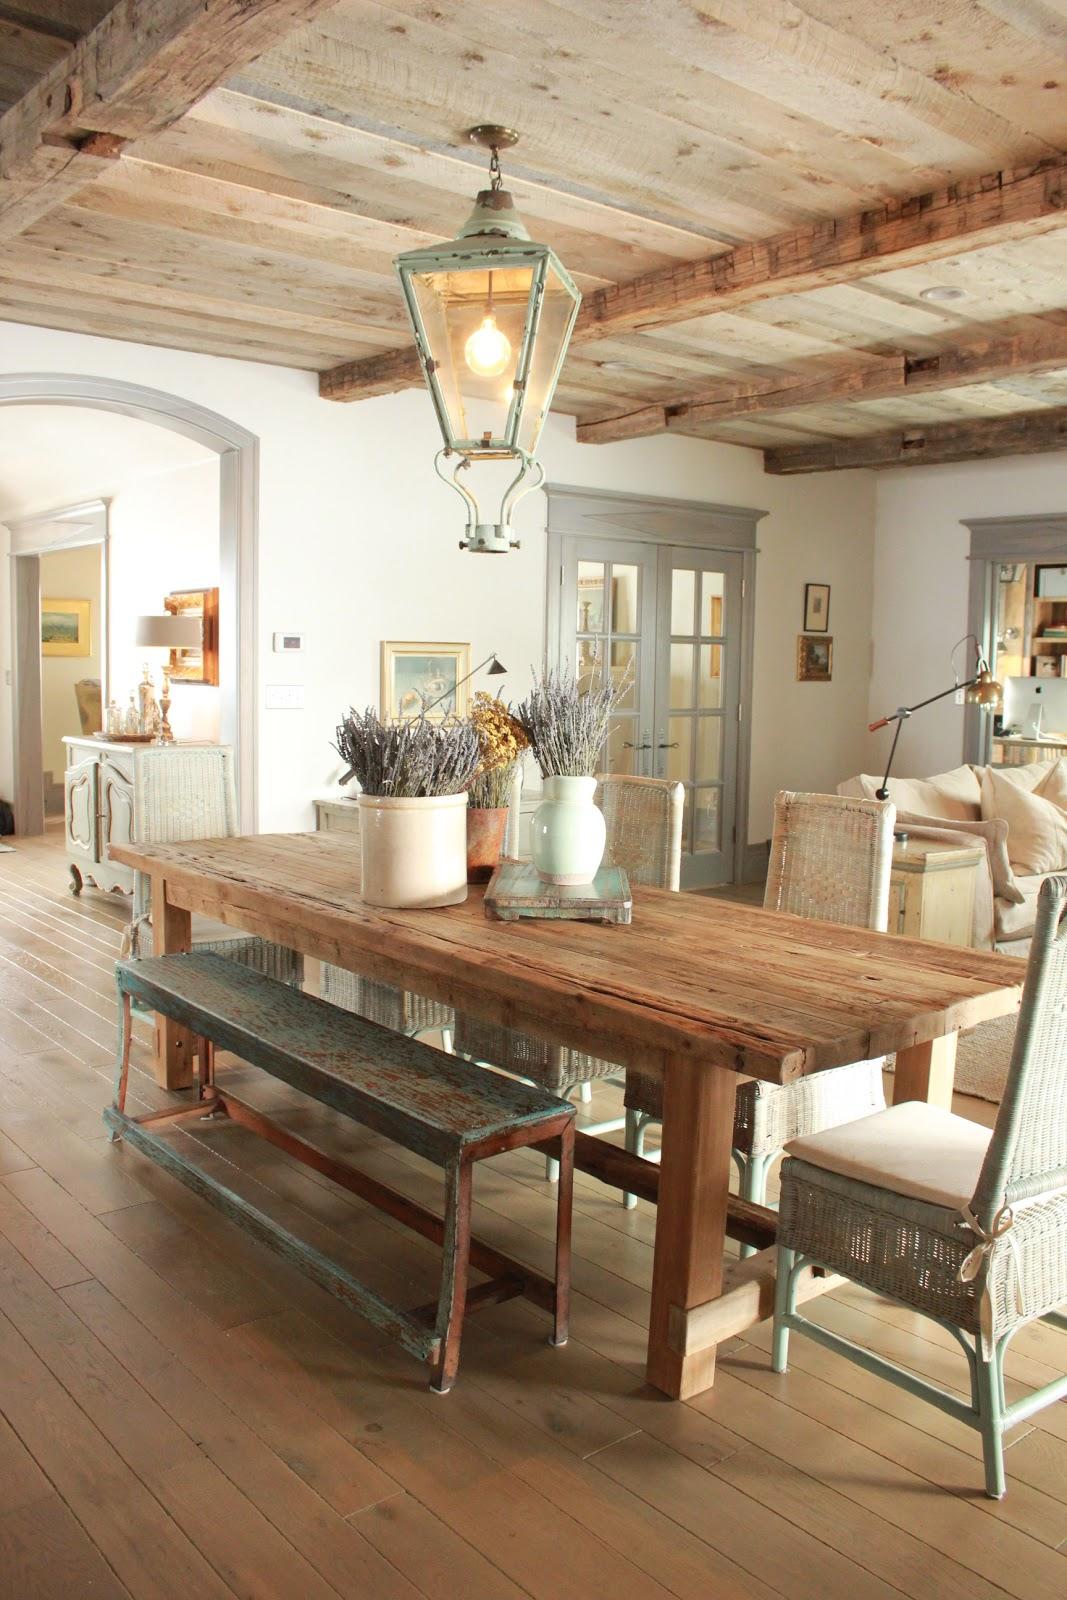 Cómo decorar una casa rústica - comedor